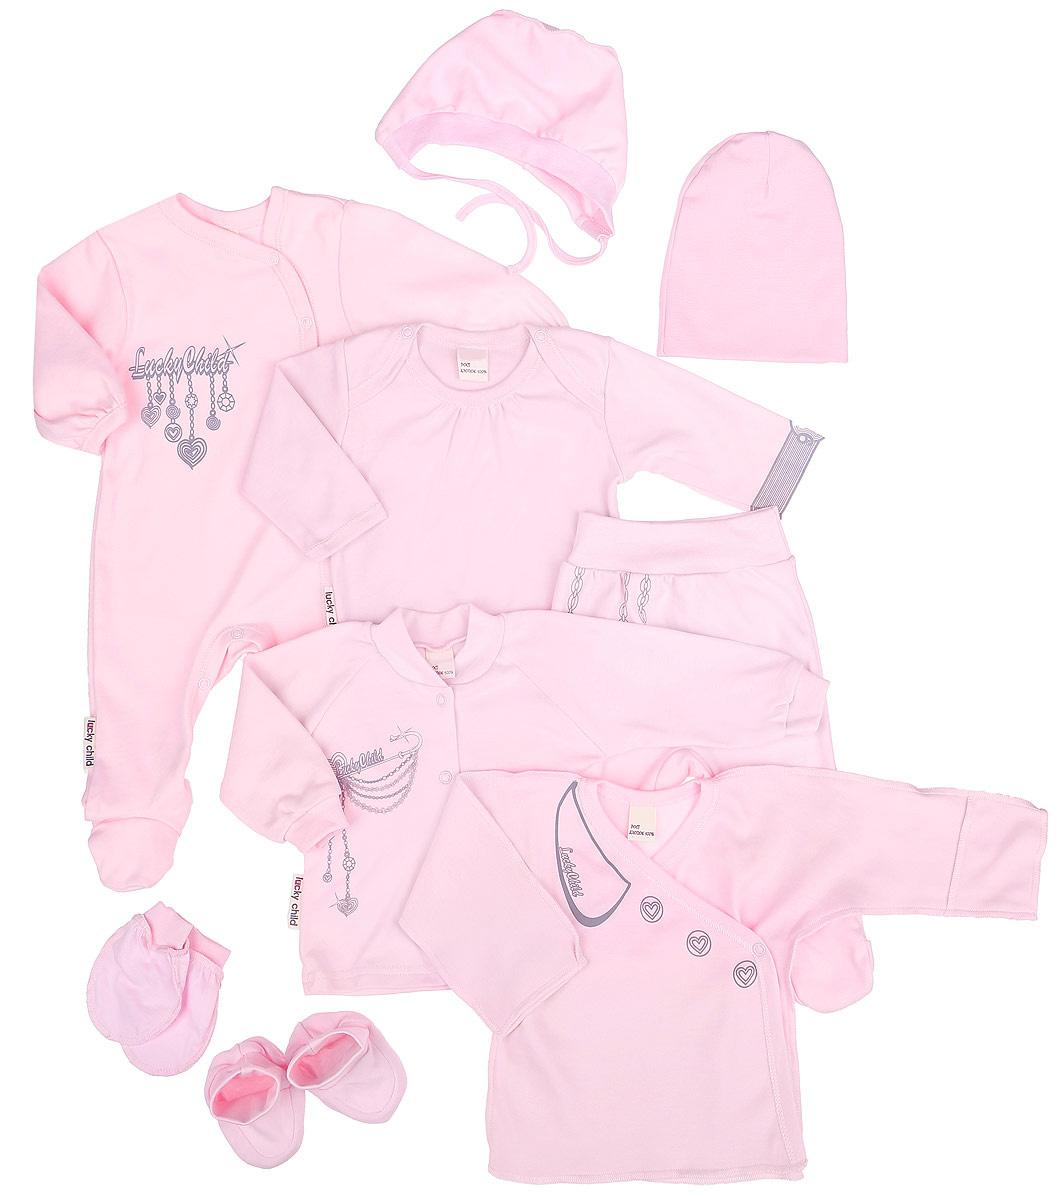 Комплект одежды2-1000Подарочный комплект Lucky Child Леди - это замечательный подарок, который прекрасно подойдет для вашей малышки. Комплект состоит из комбинезона, боди с длинными рукавами, кофточки, ползунков, распашонки, шапочки, чепчика, рукавичек и пинеток. Комплект изготовлен из высококачественного хлопка и оформлен оригинальными принтами. Он необычайно мягкий и приятный на ощупь, не сковывает движения малыша и позволяет коже дышать, не раздражает даже самую нежную и чувствительную кожу ребенка, обеспечивая ему наибольший комфорт. Комбинезон с круглым вырезом горловины, длинными рукавами и закрытыми ножками имеет застежки-кнопки спереди до щиколотки и на ластовице, которые помогают легко переодеть младенца или сменить подгузник. В комбинезоне спинка и ножки младенца всегда будут в тепле. Удобное боди с длинными рукавами и круглым вырезом горловины имеет удобные застежки-кнопки на плечах и ластовице. Горловина дополнена декоративными складками. Левый рукав изделия оформлен изображением...